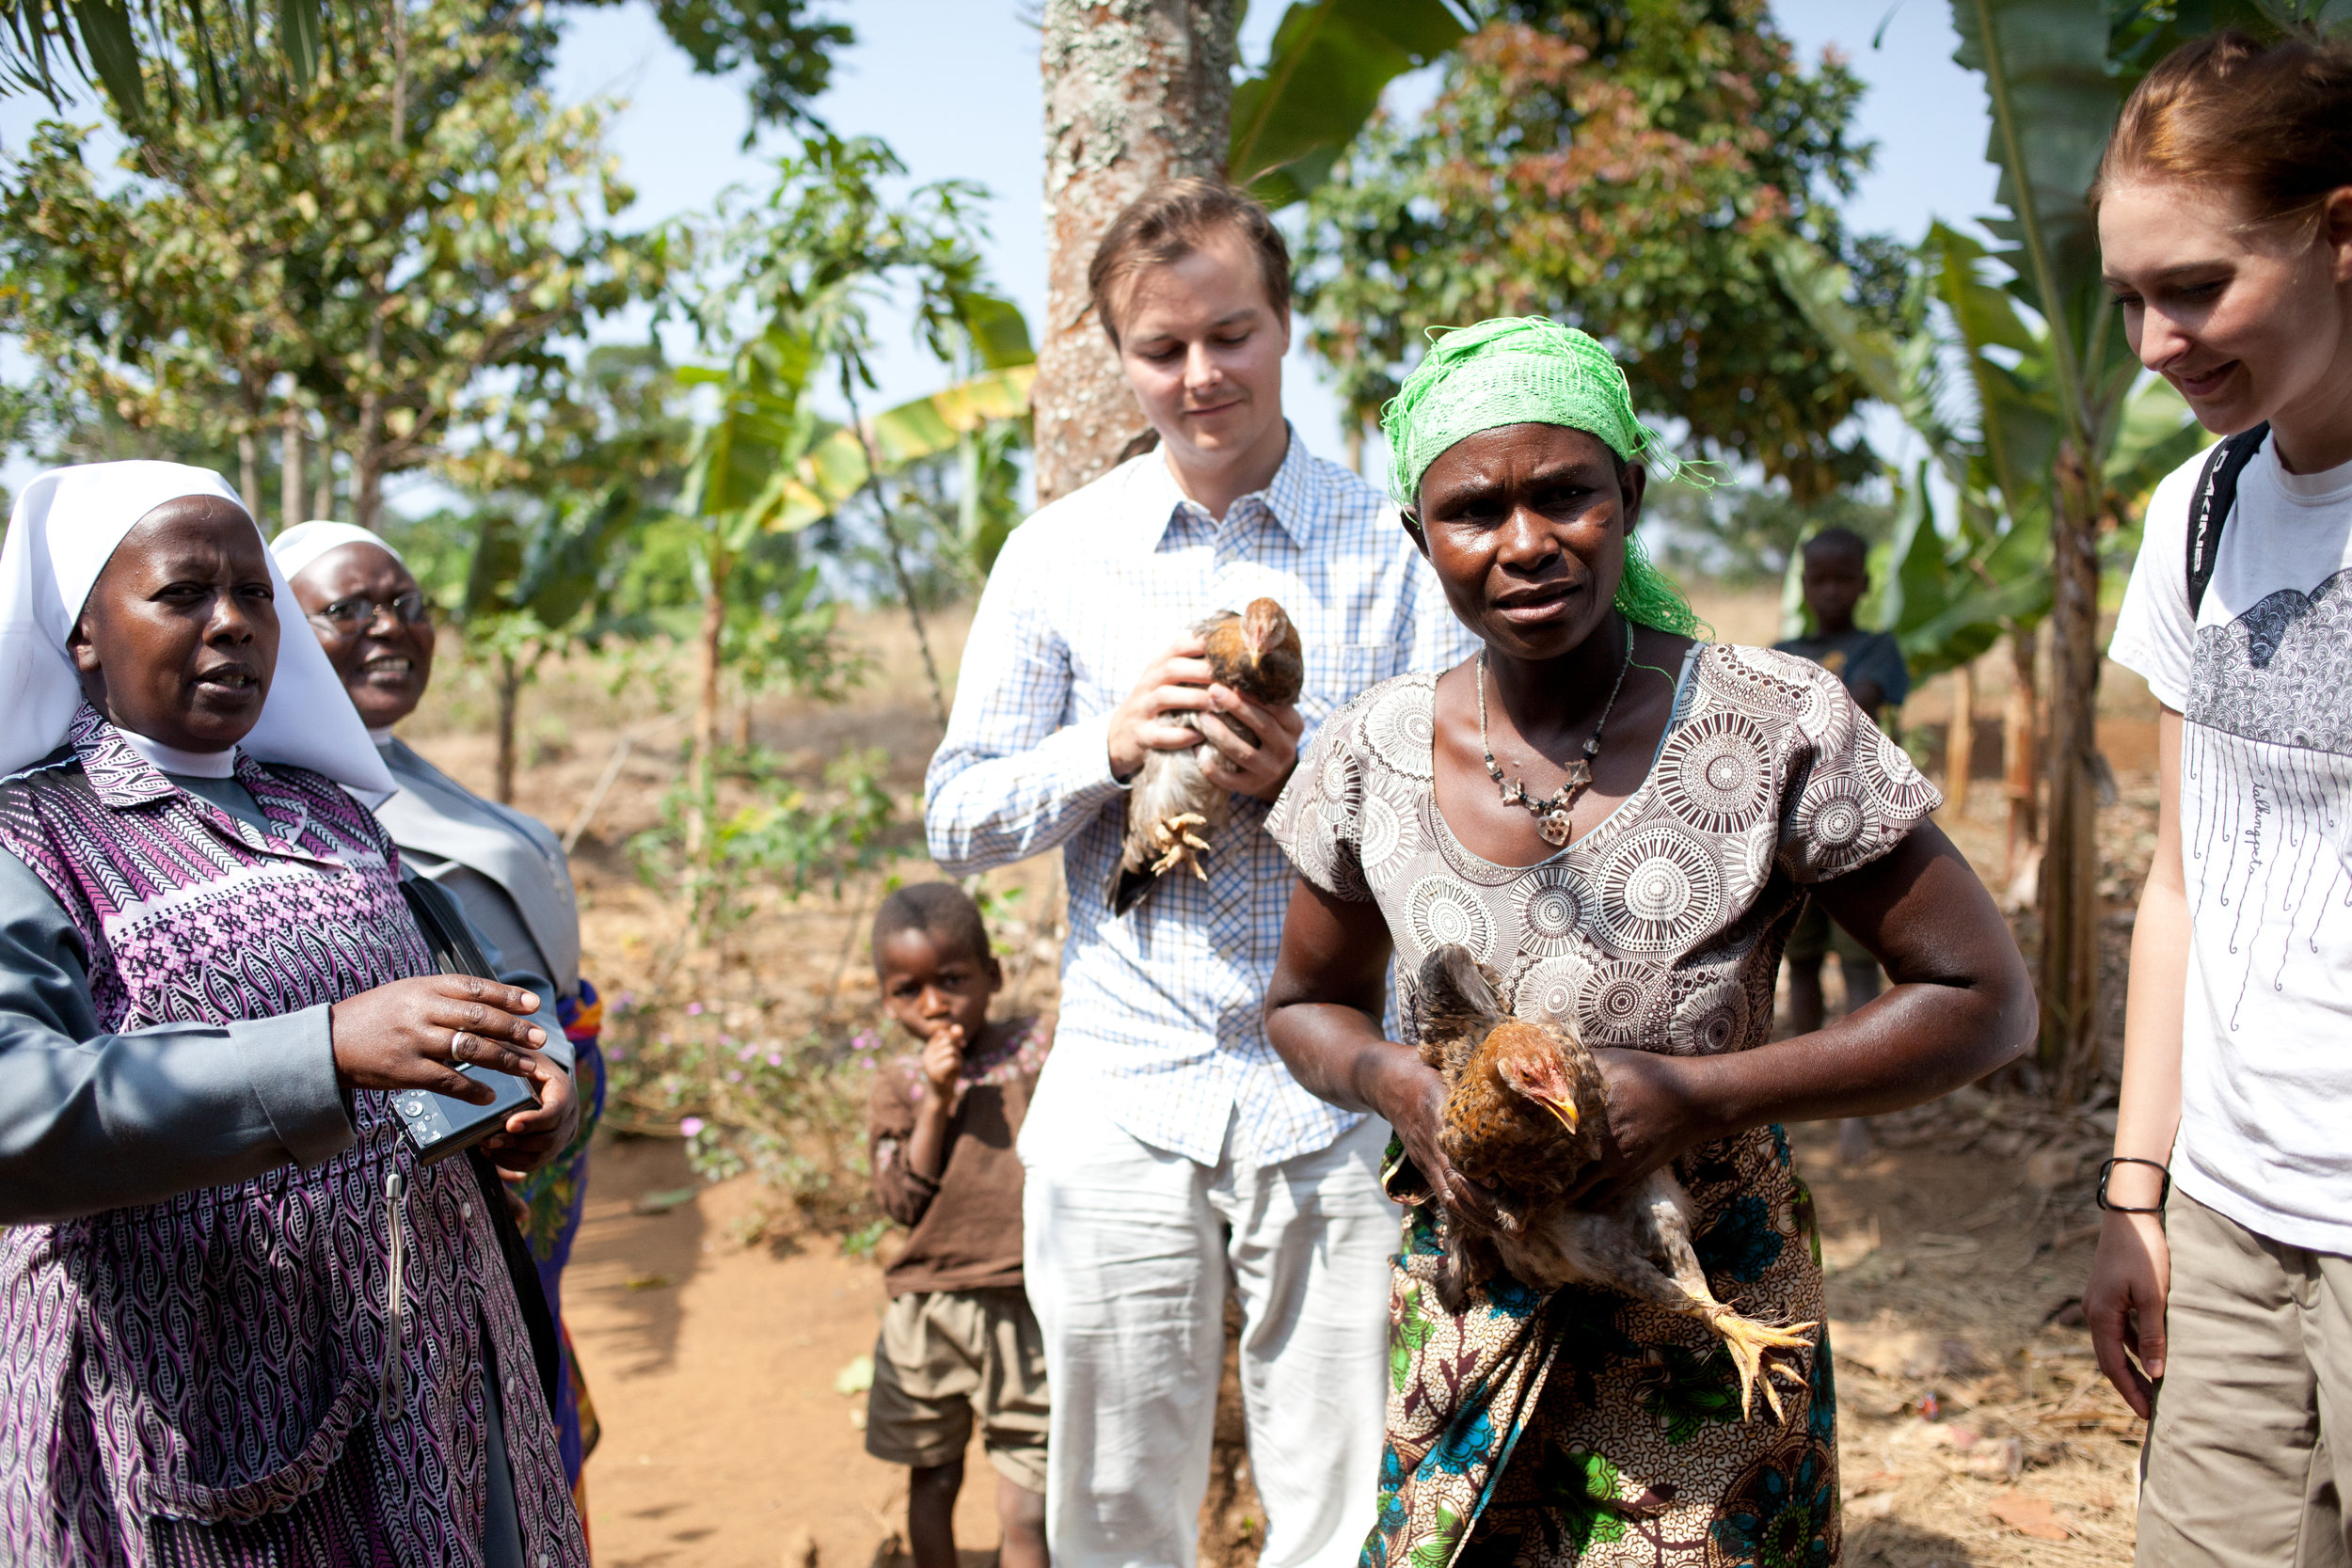 Lokal - Wir arbeiten mit den St. Therese Schwestern in Tansania zusammen. Sie kennen die Situation der Waisen genau und können so beste Hilfe leisten.